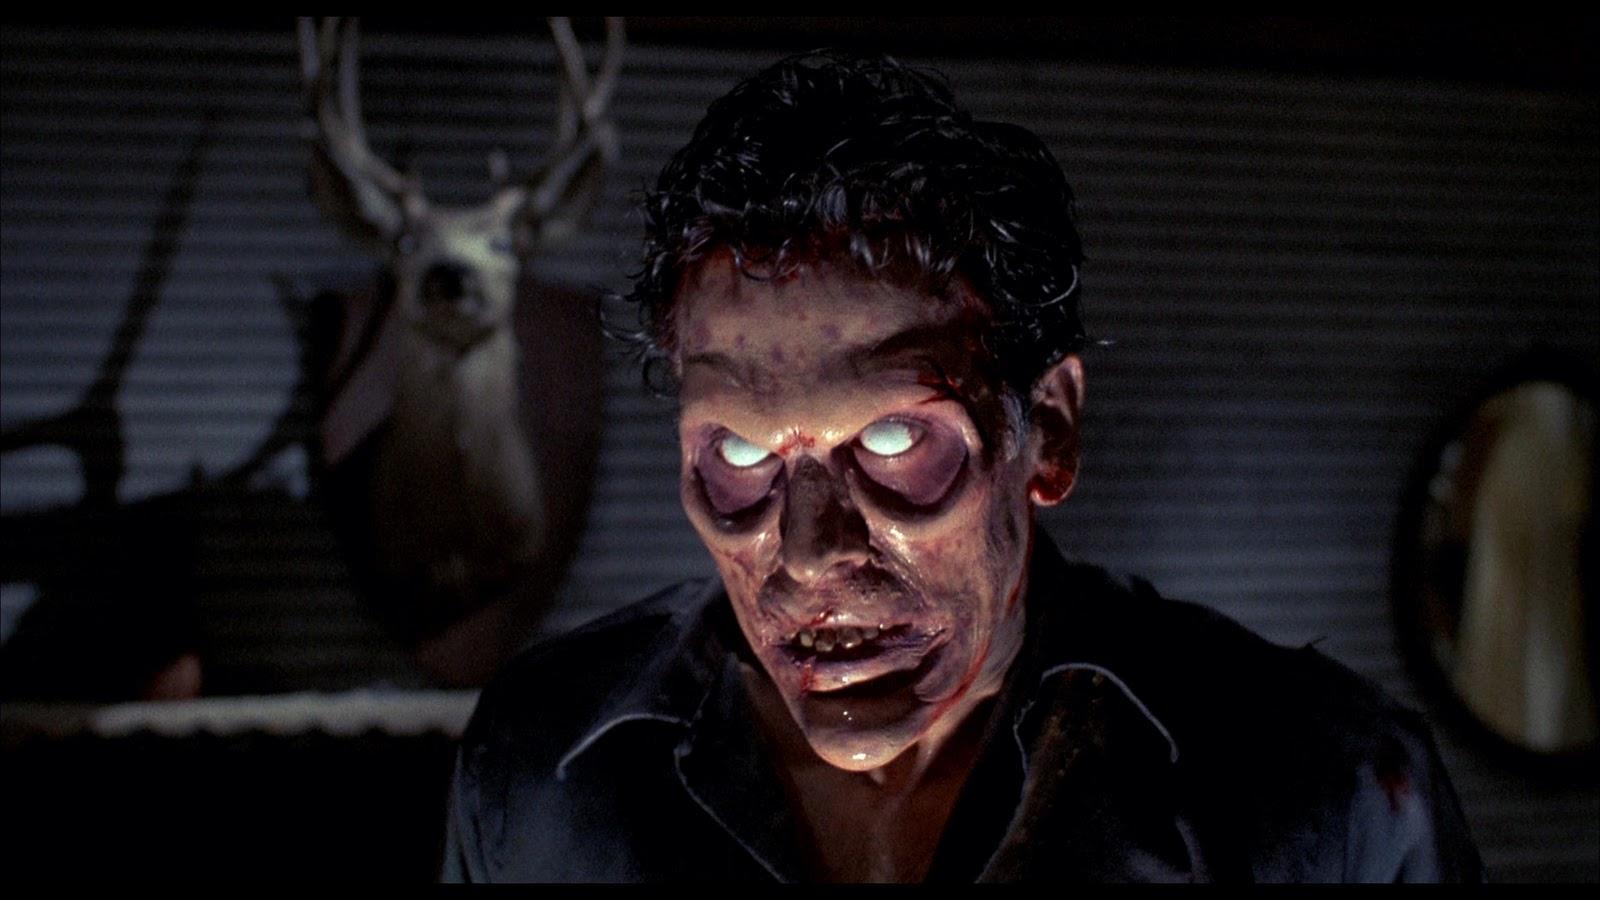 14. Evil Dead II